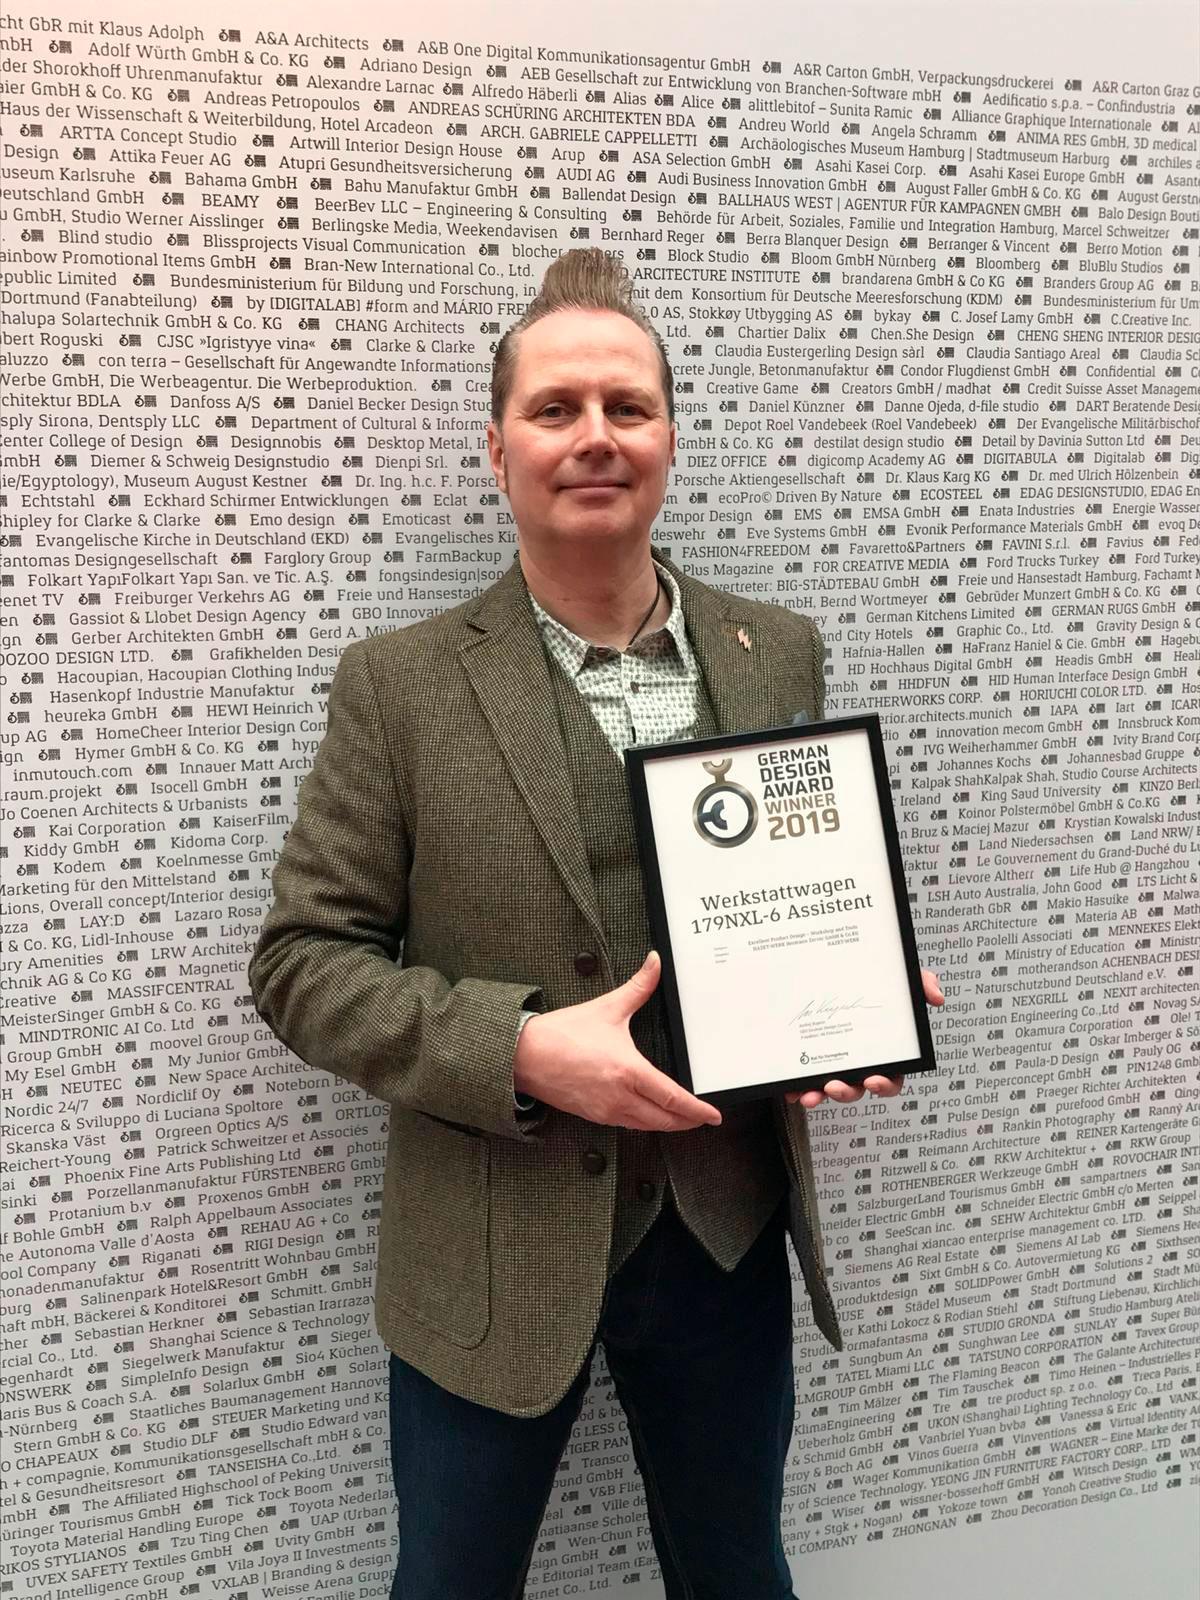 Le prix German Design Award 2019 accordé à la servante d'atelier Assistent 179NXL-6 de HAZET